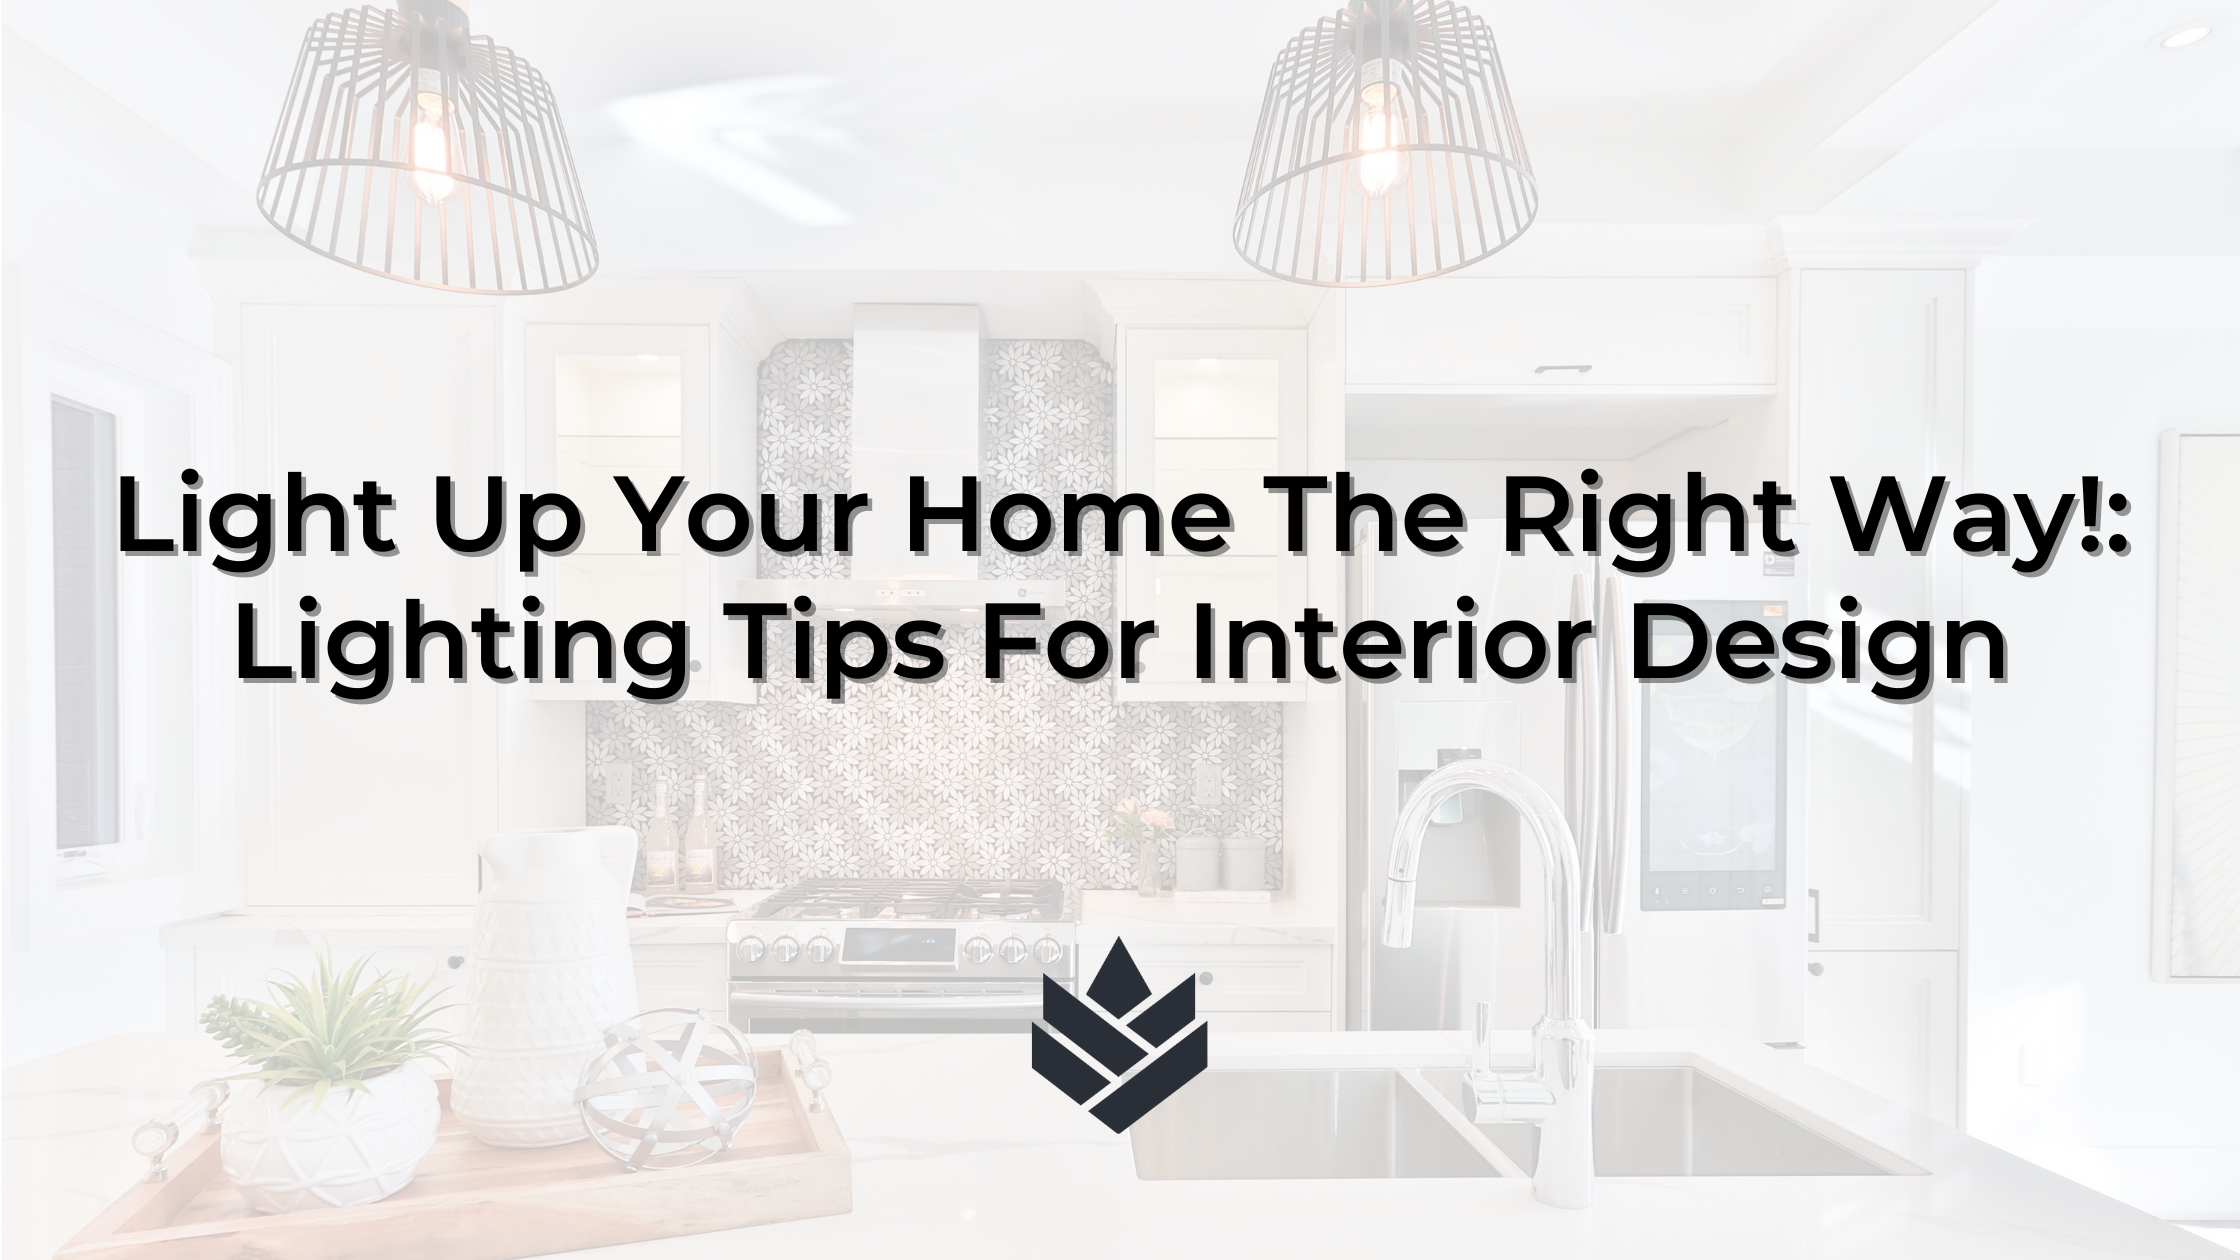 Lighting Tips for Interior Design